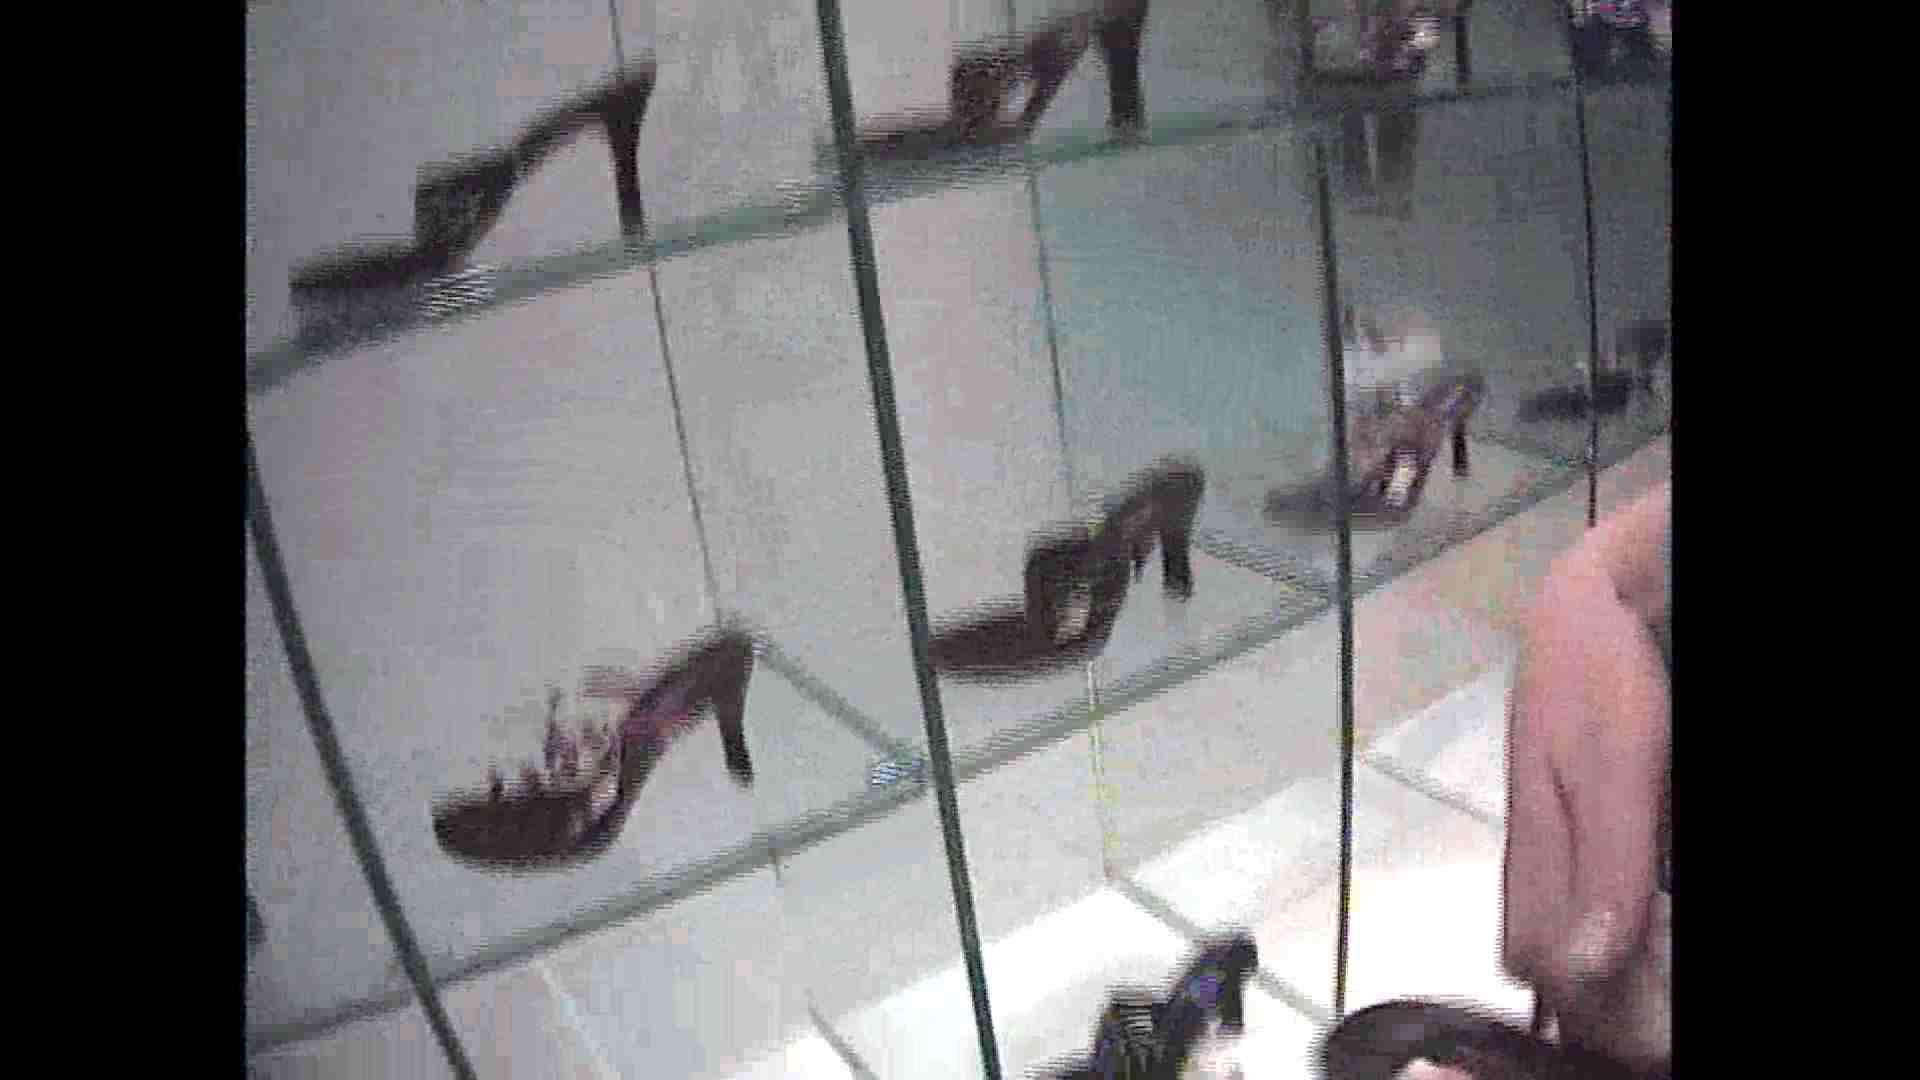 働く美女の谷間参拝 Vol.13 美女のヌード オマンコ無修正動画無料 82画像 71